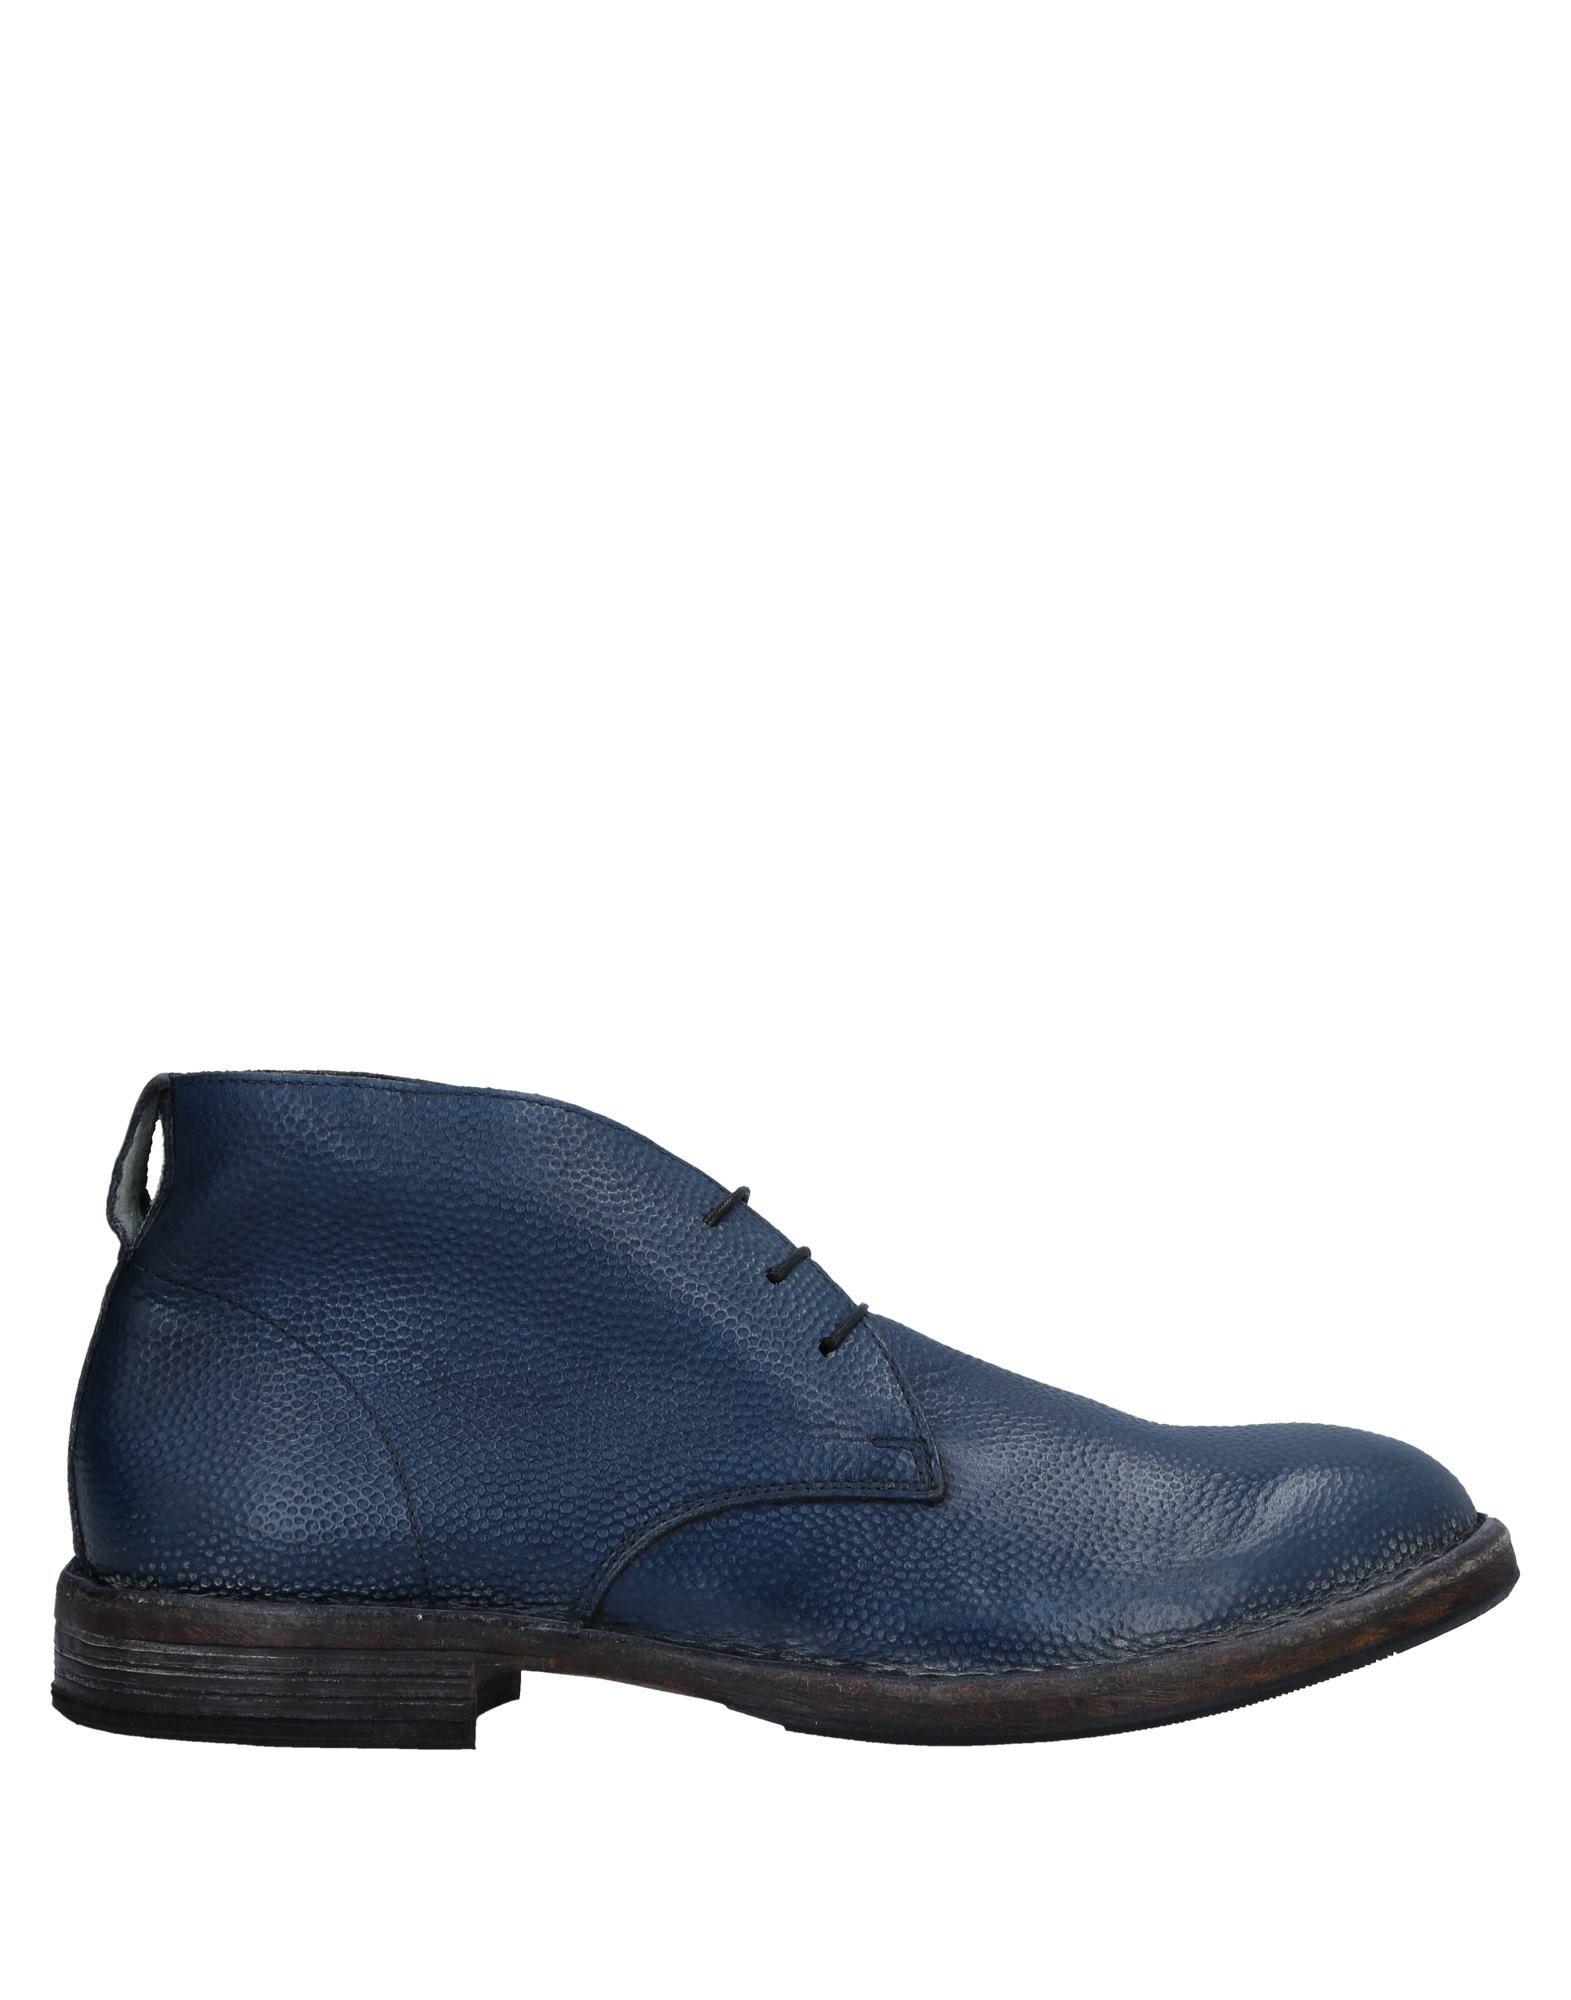 Moma Stiefelette Herren  11518669OW Gute Qualität beliebte Schuhe